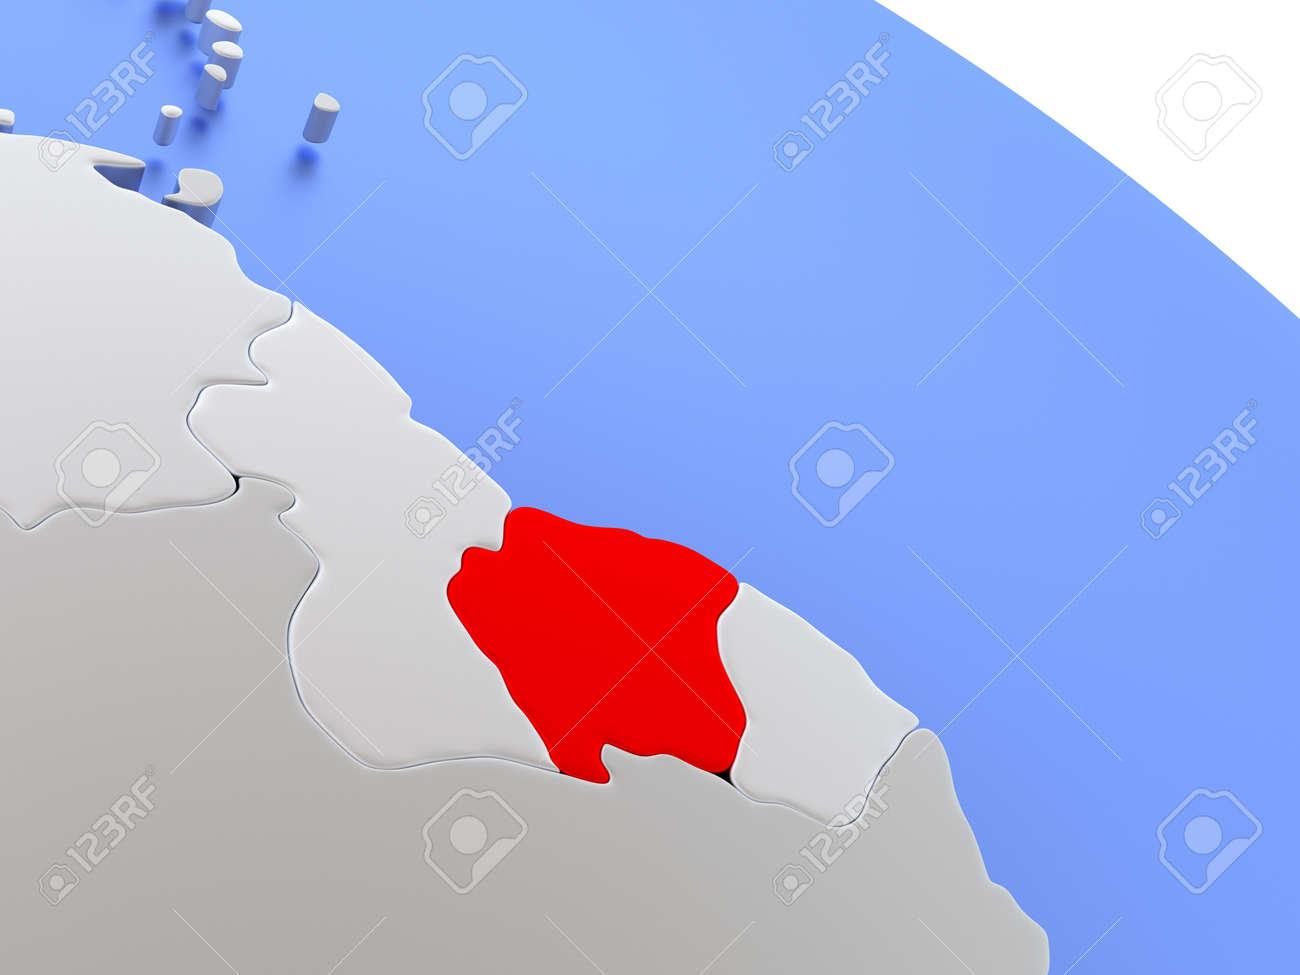 Mapa De Surinam El Mundo Elegante De Plata 3d Con Los Oceanos